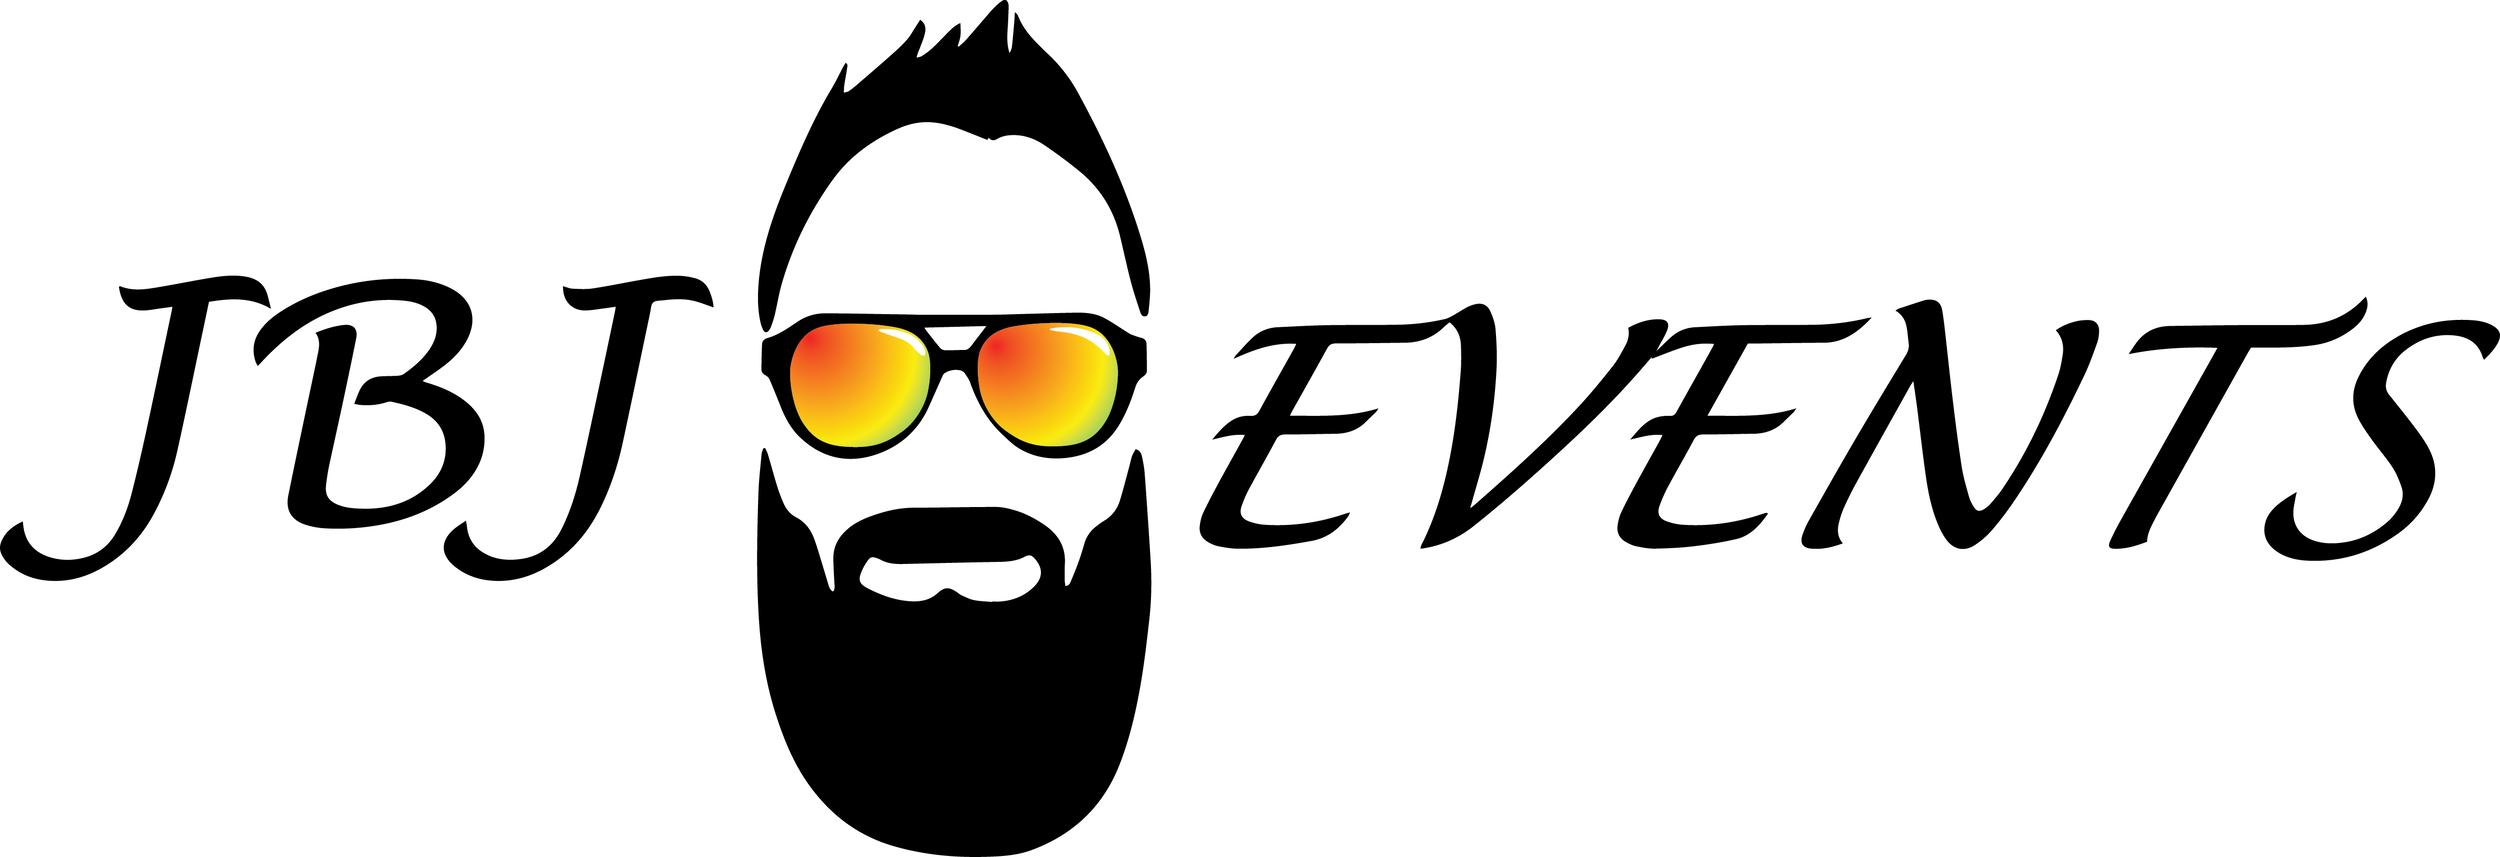 JBJ_logo_Vector_11x17in.png